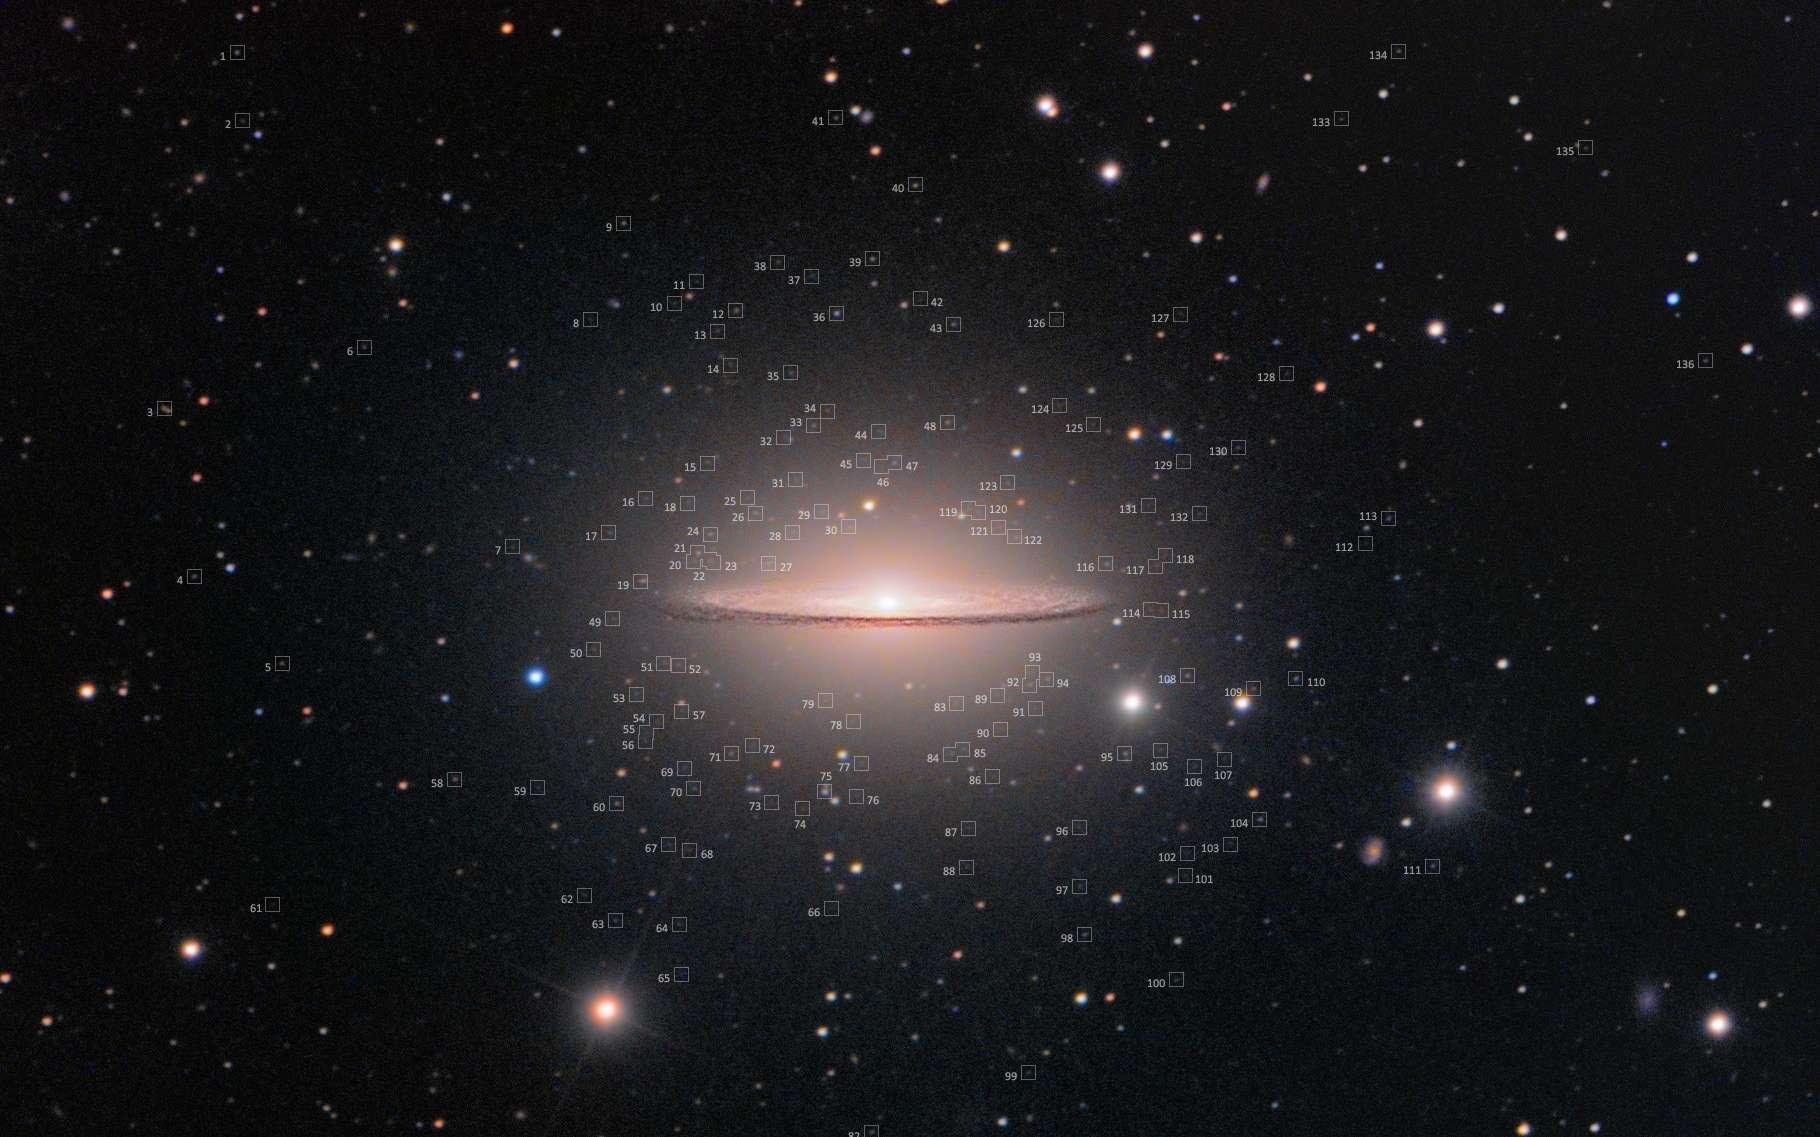 Essaim d'amas globulaires autour de Messier 104, la galaxie du Sombrero. © Rolf Wahl Olsen